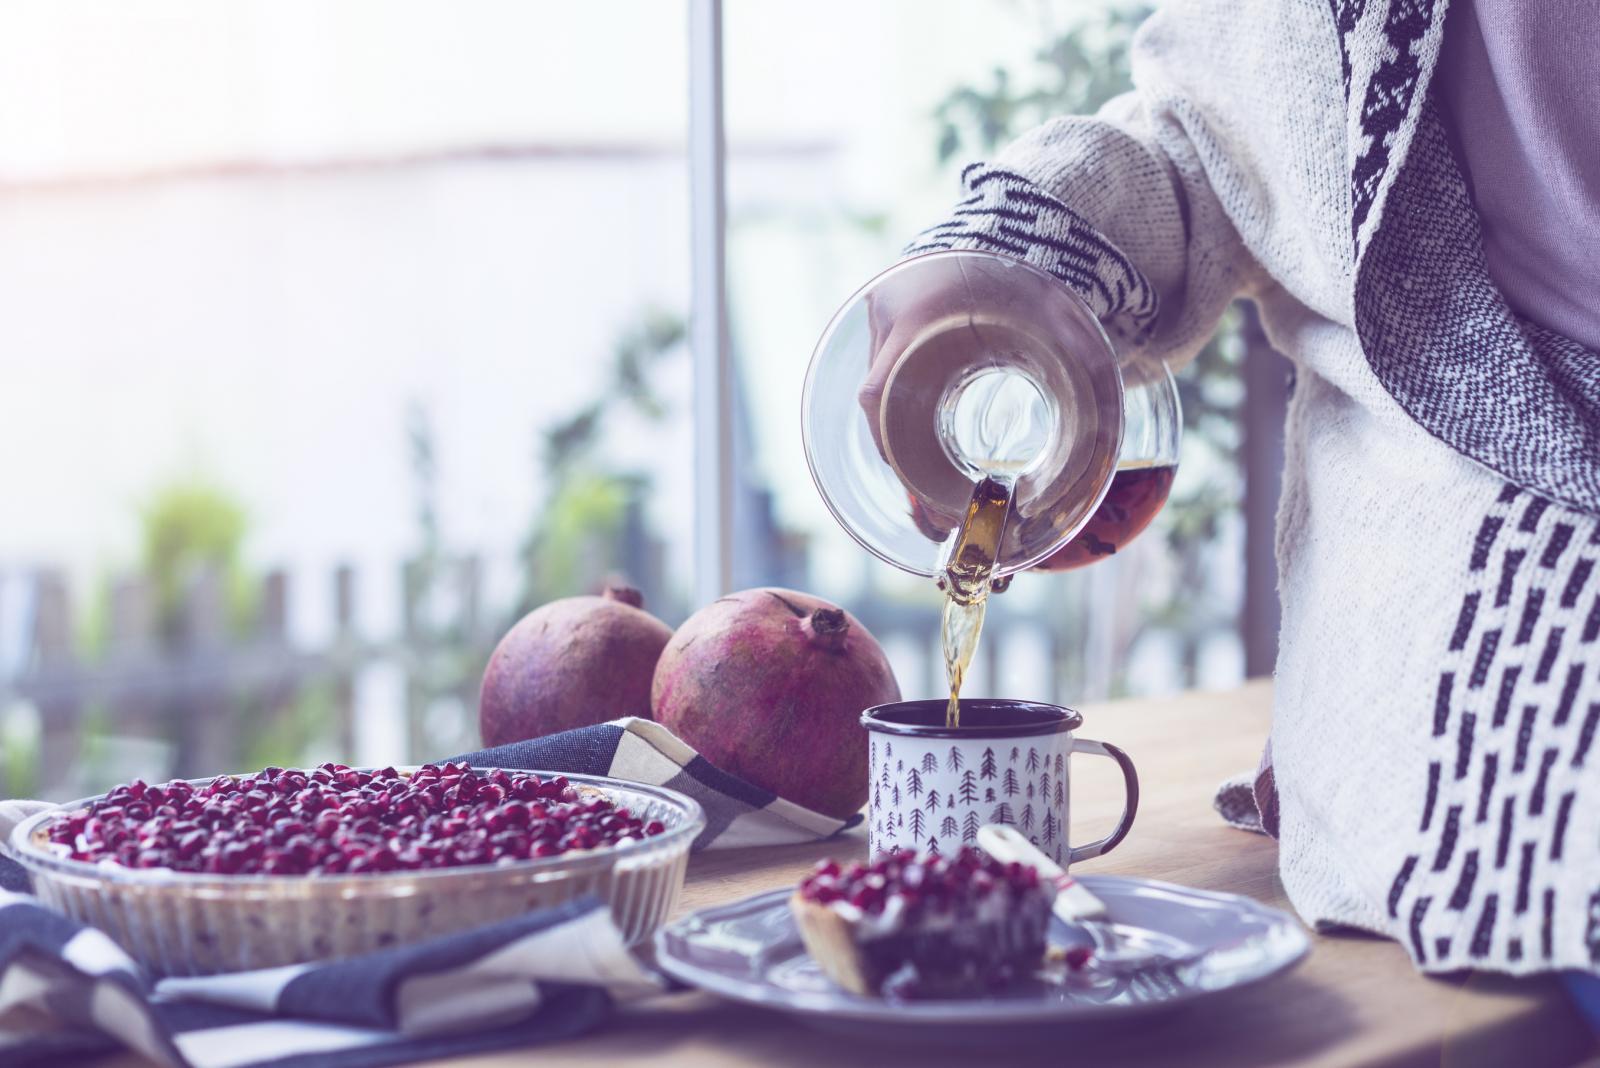 Osim što ga možete jesti samog, nar možete dodati kolačima, salati, od njega napraviti sok ili čaj.